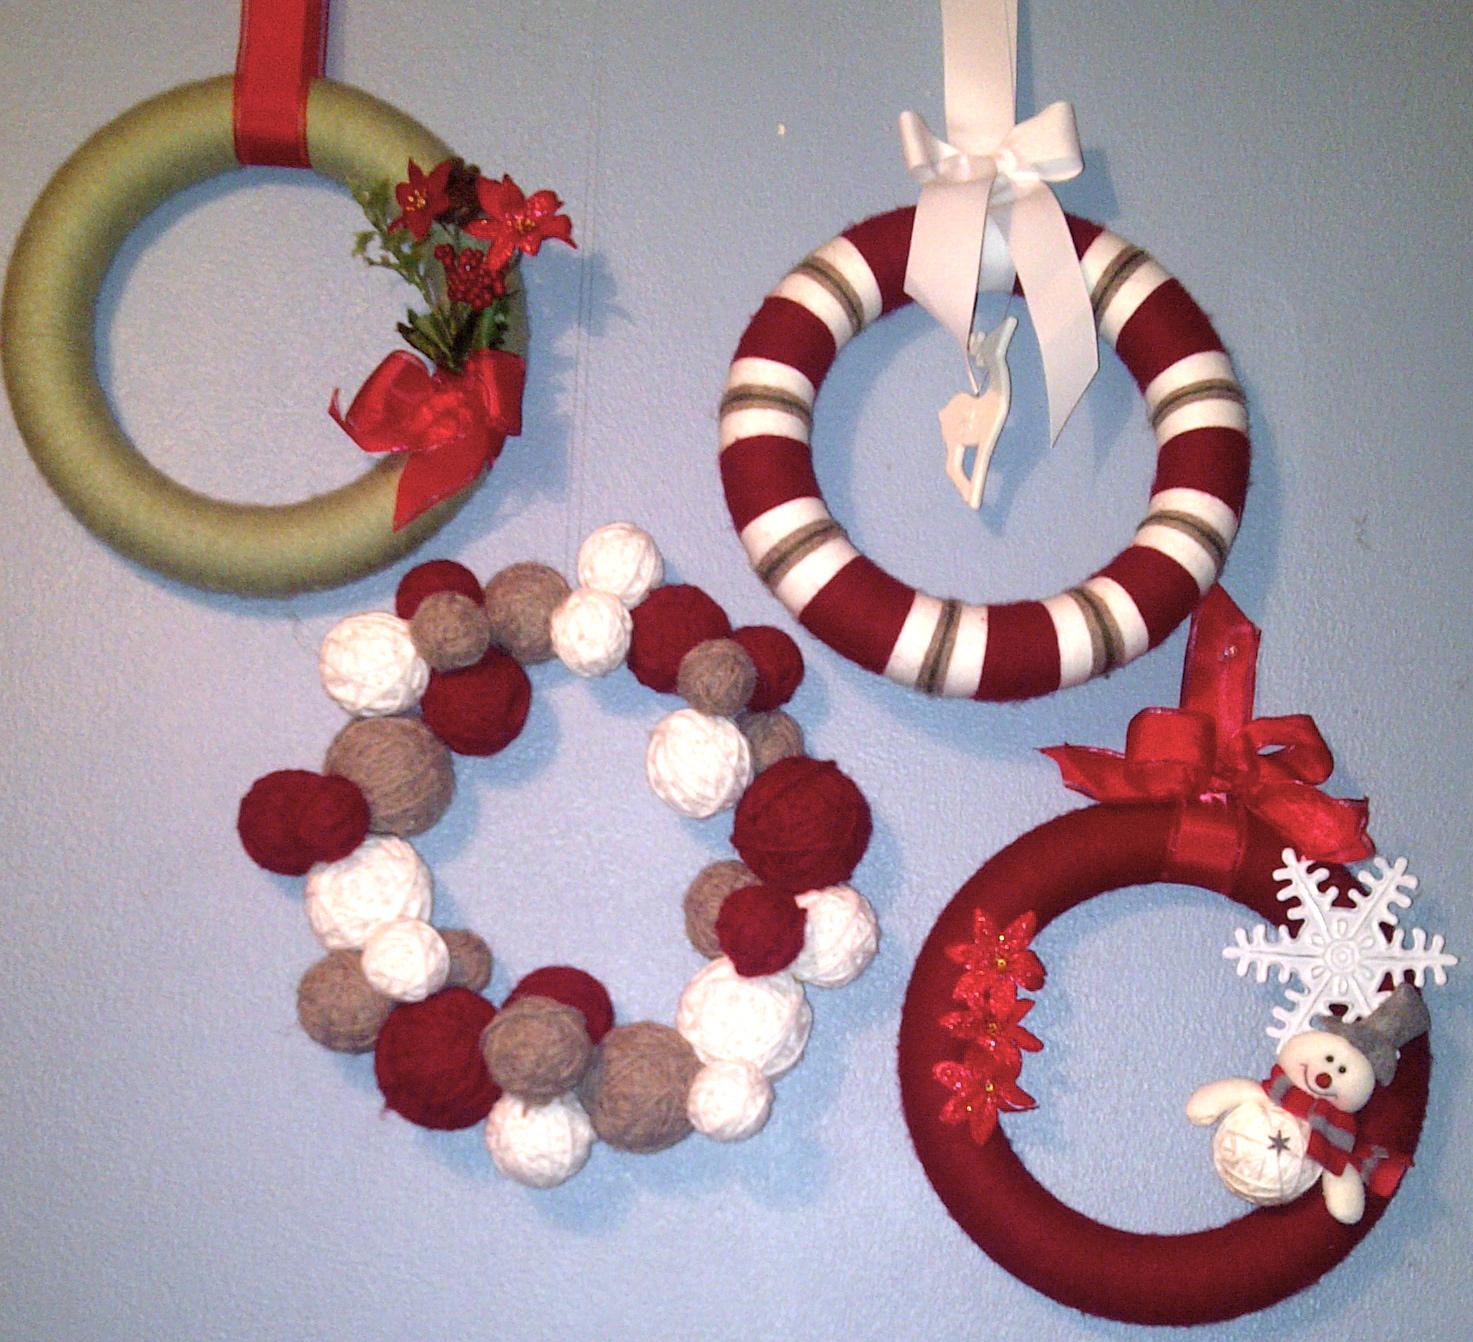 Rantin 39 ravin 39 winter christmas wreaths for Christmas wreath